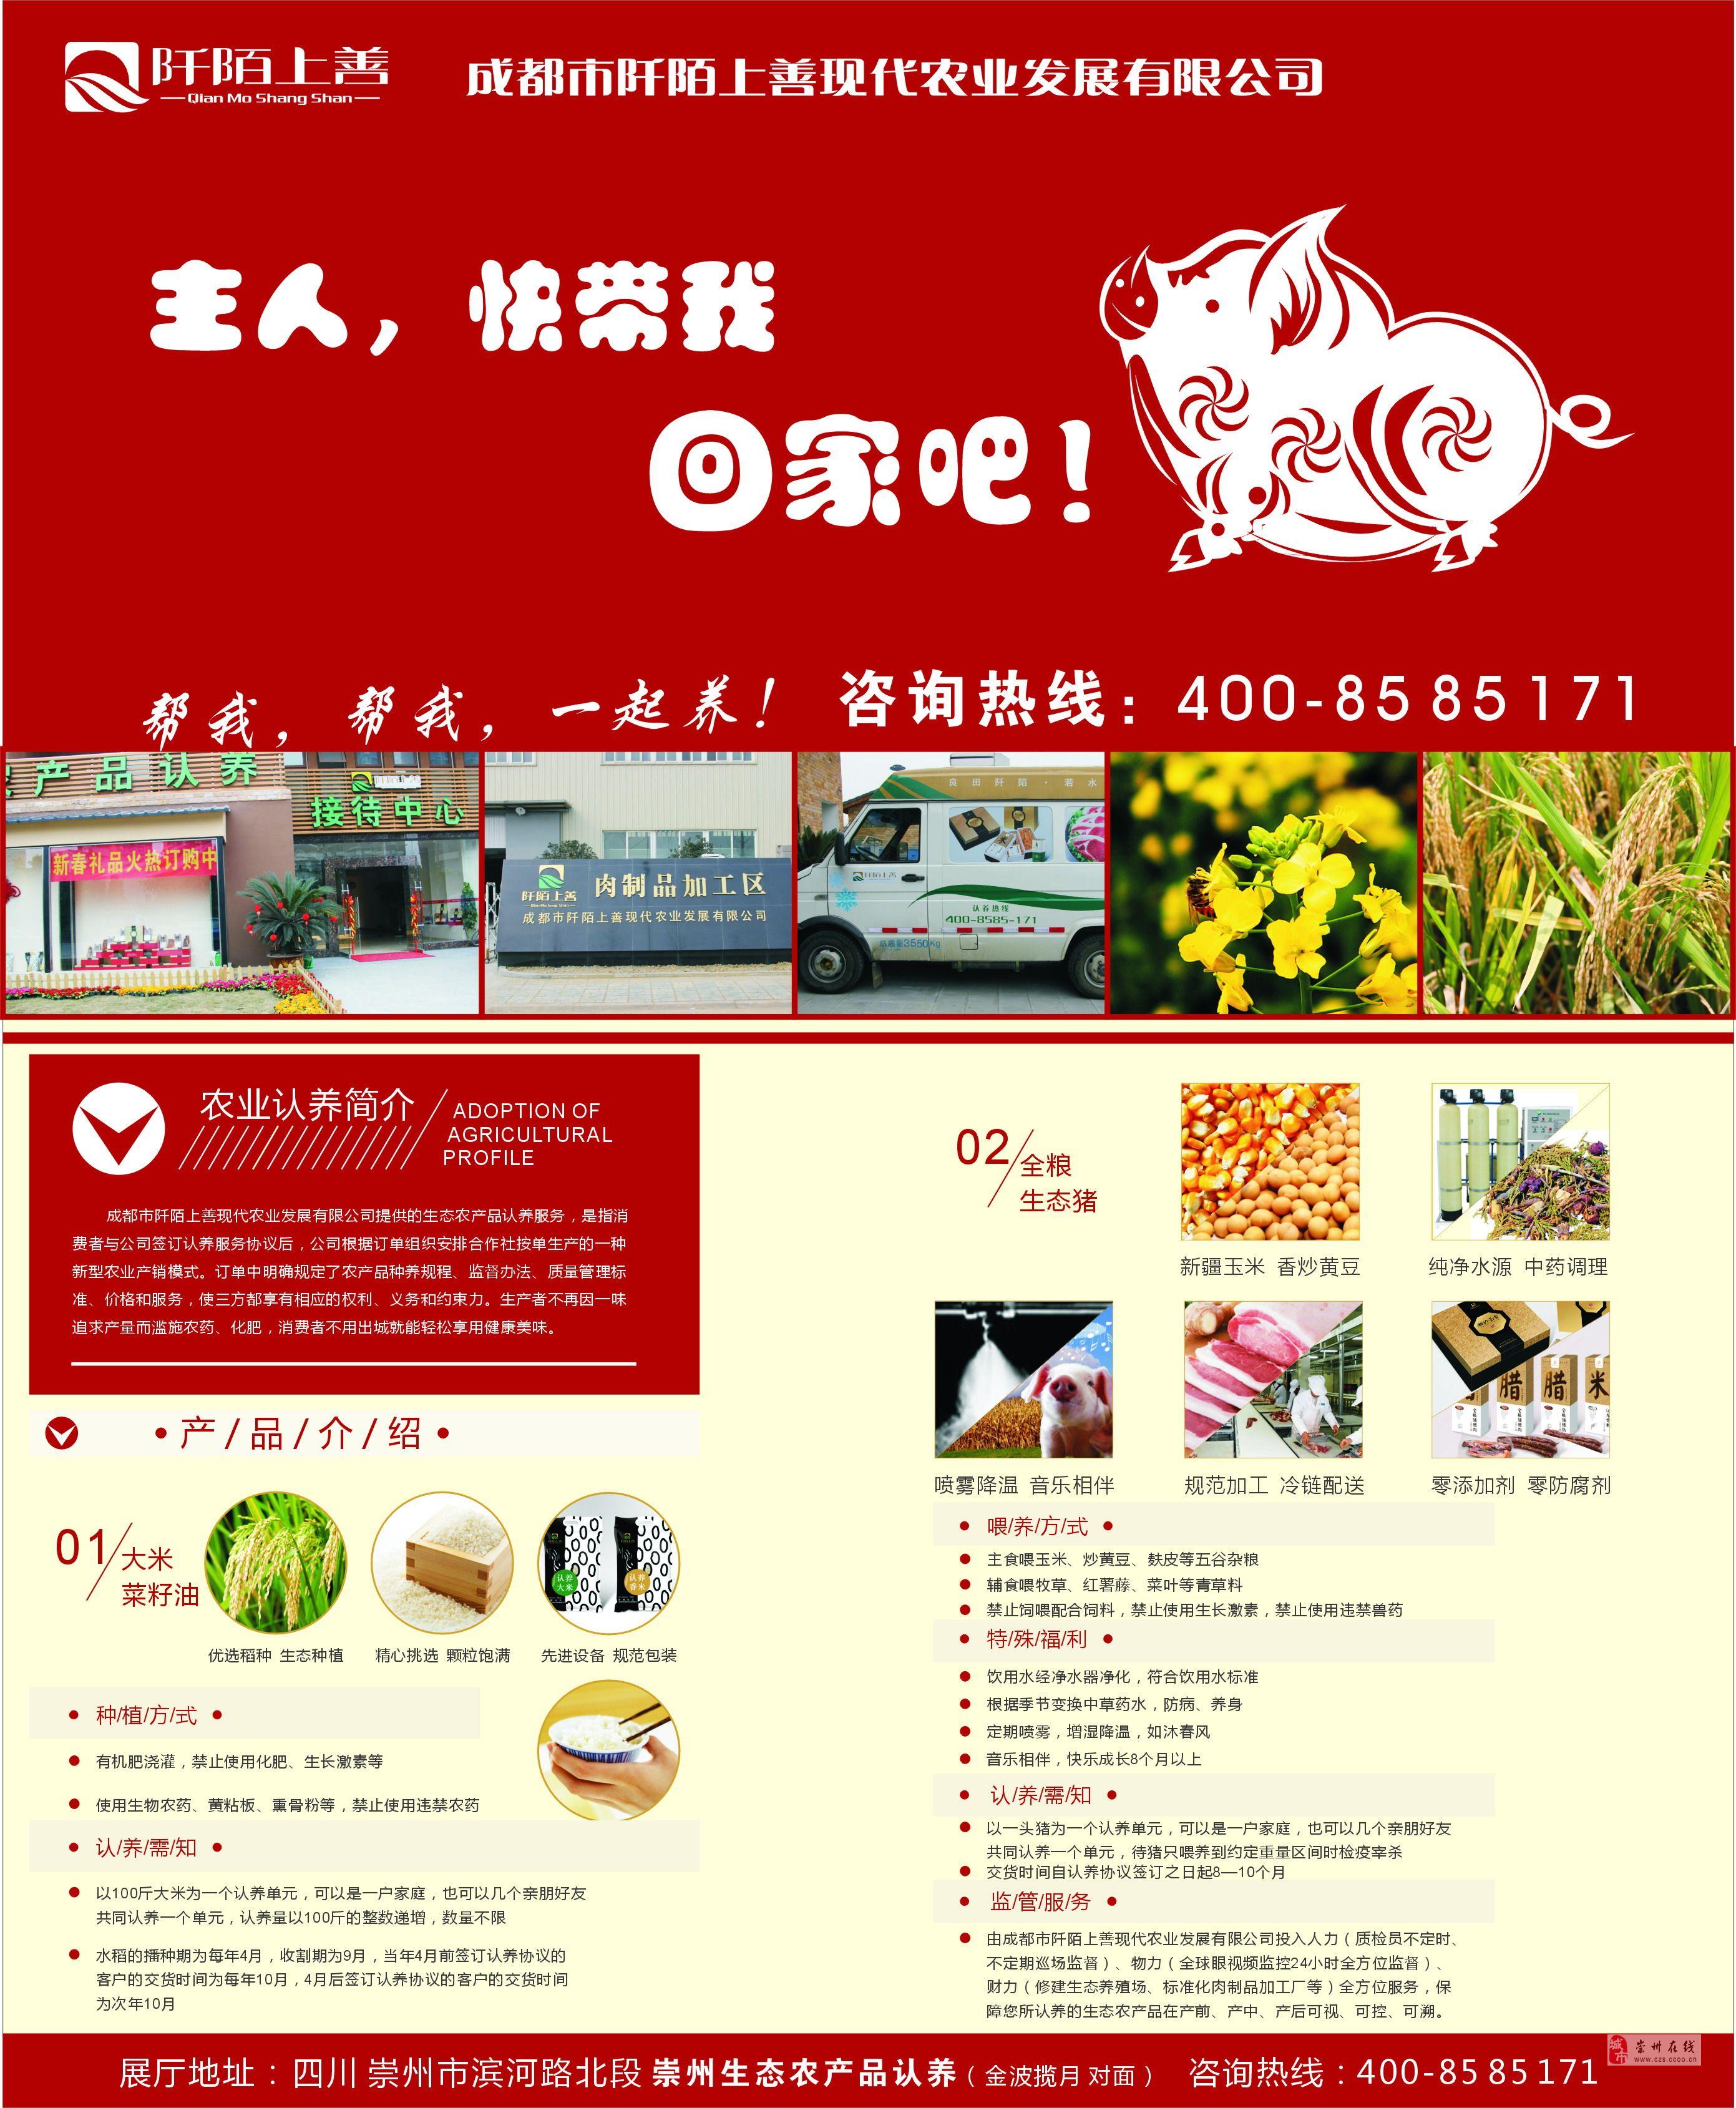 认养农产品